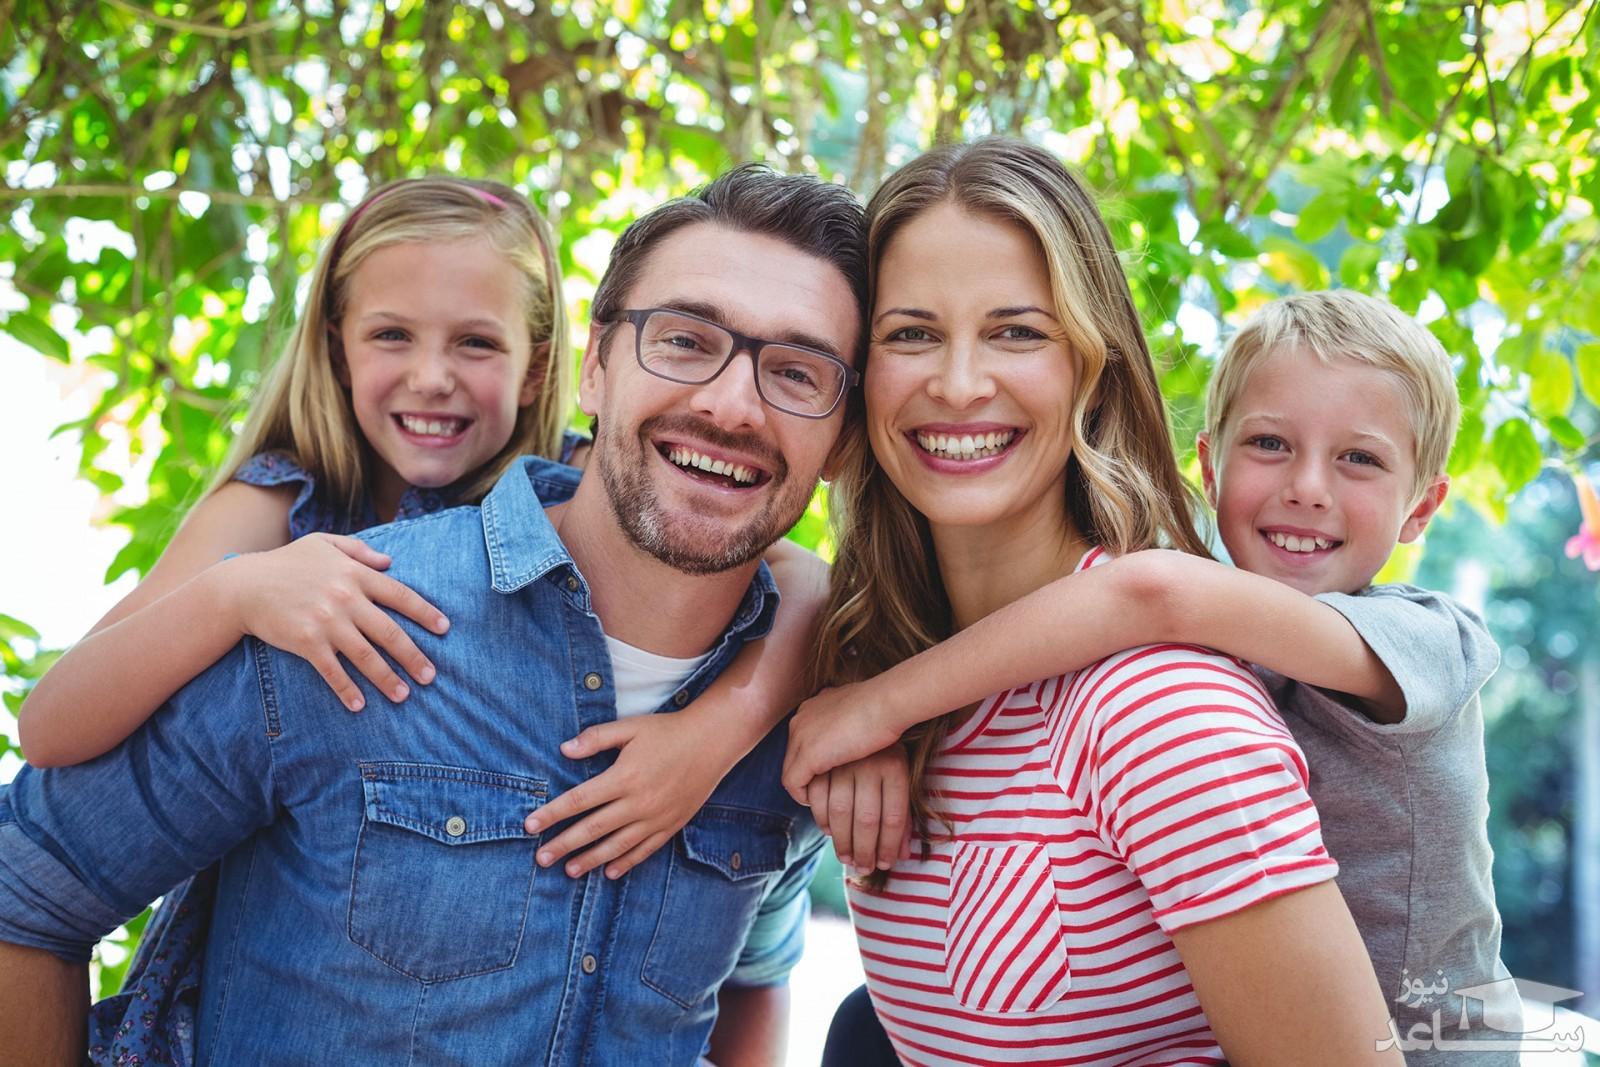 در خانواده حرف آخر را چه کسی باید بزند؟